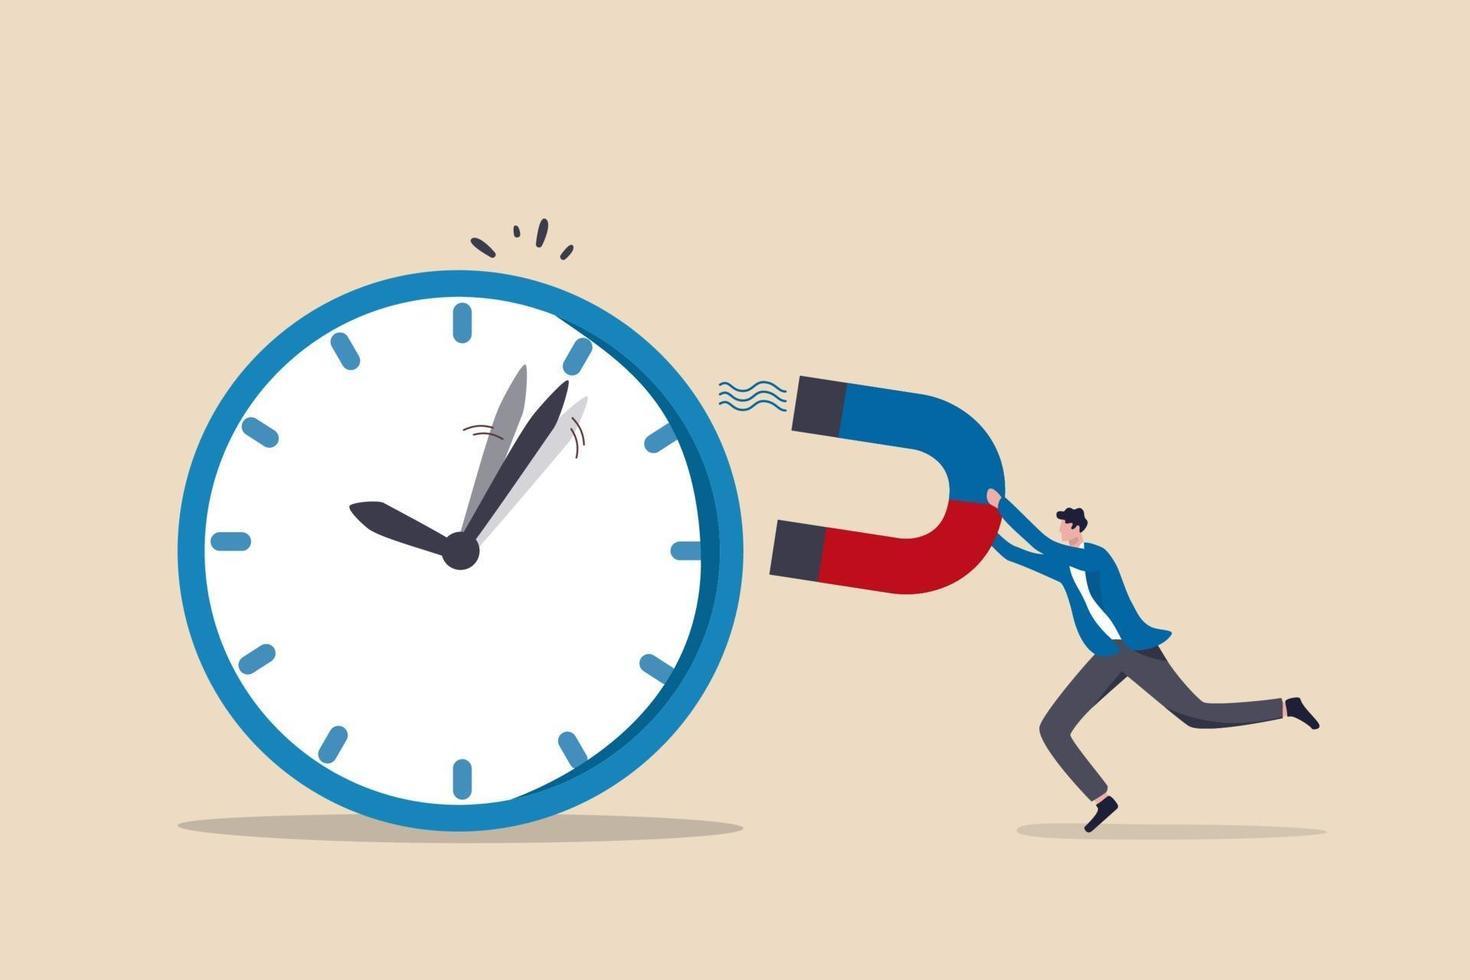 gestión del tiempo, control del tiempo comercial o concepto de fecha límite de trabajo vector